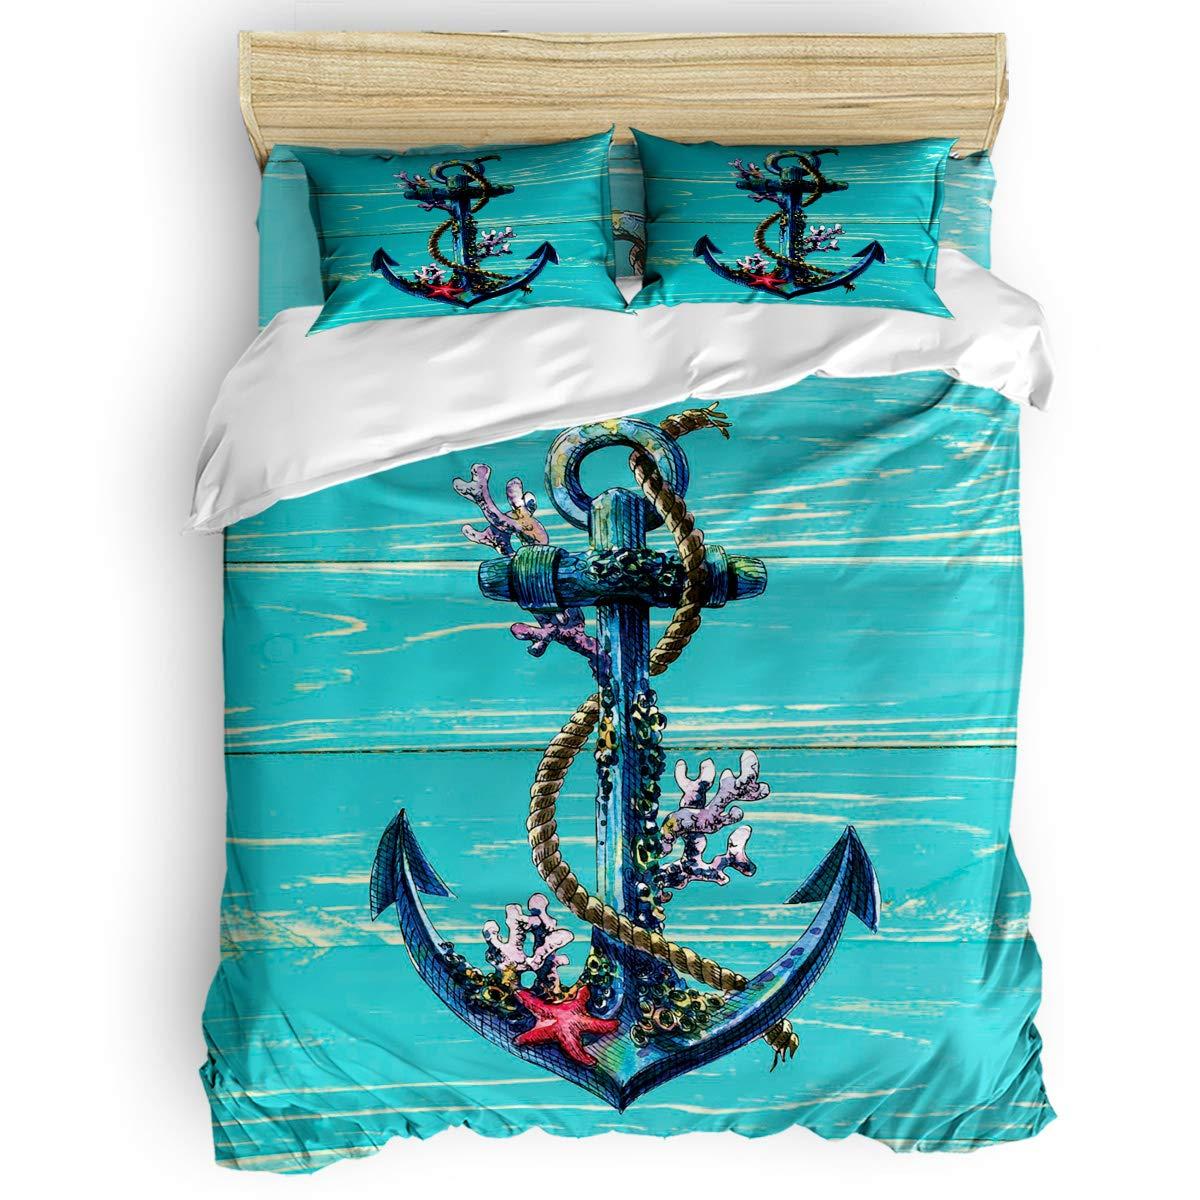 掛け布団カバー 4点セット 海洋生物 かわいいタコ サンゴ 花柄 寝具カバーセット ベッド用 べッドシーツ 枕カバー 洋式 和式兼用 布団カバー 肌に優しい 羽毛布団セット 100%ポリエステル セミダブル B07TGB2KSX Anchor7LAS3581 セミダブル